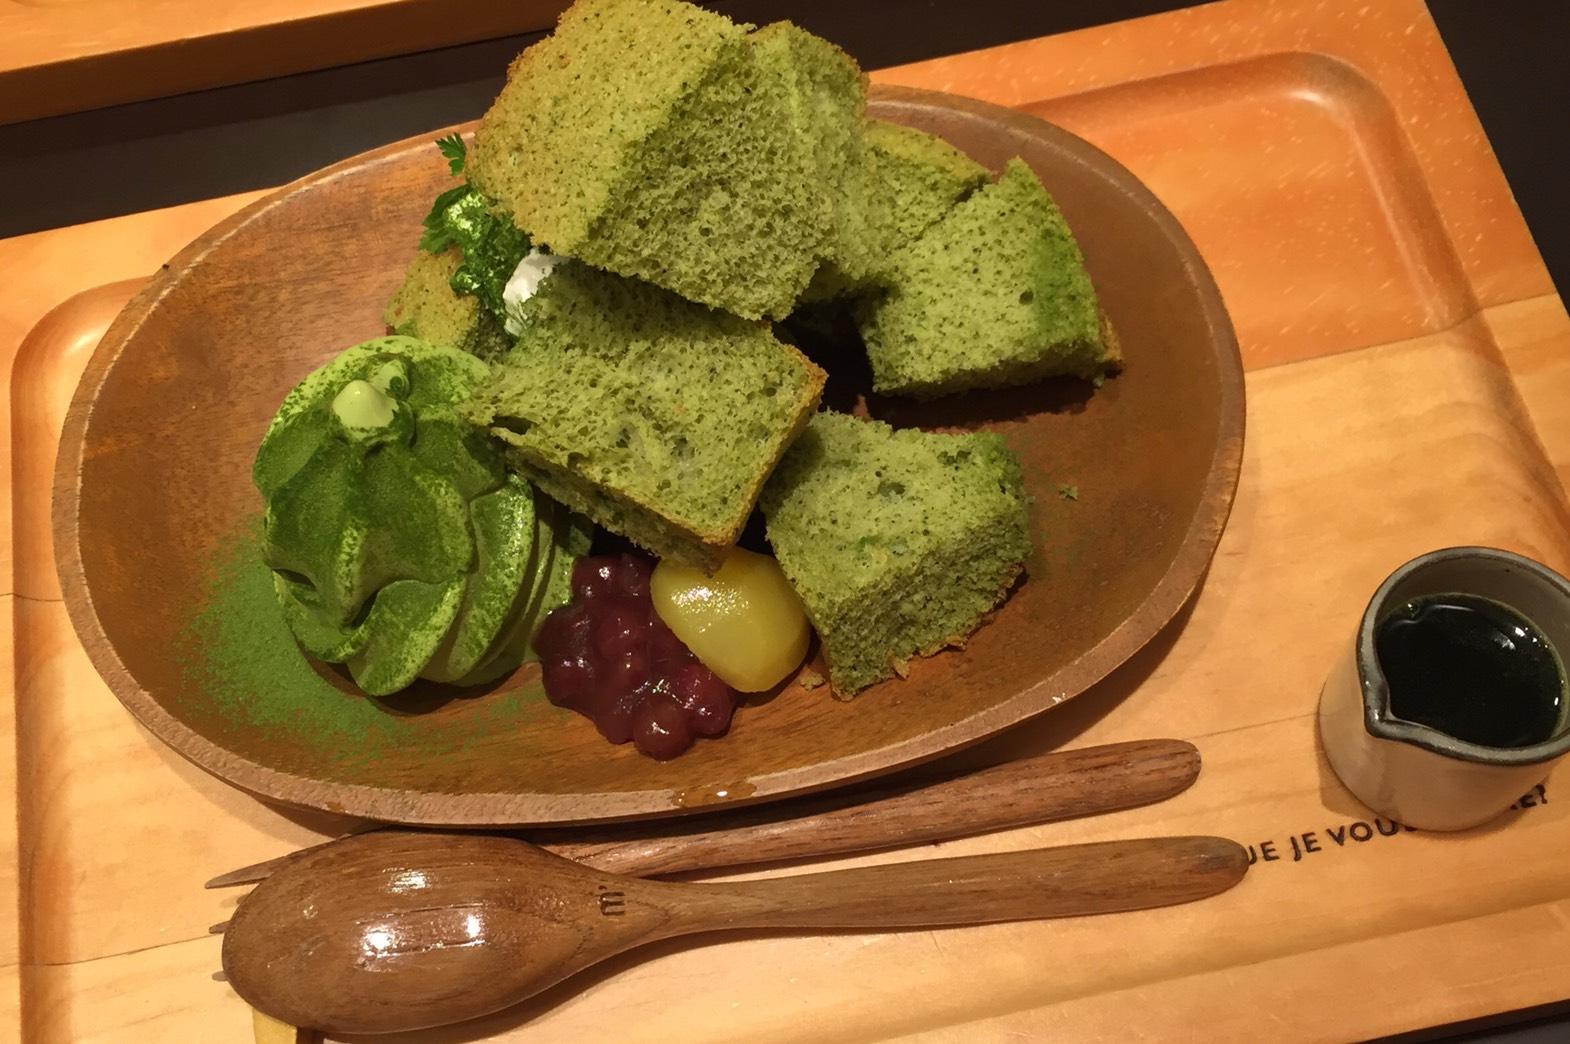 お茶づくしのスイーツがたまらない!『深緑茶房 茶カフェ』でほっと一息 - S  13688834